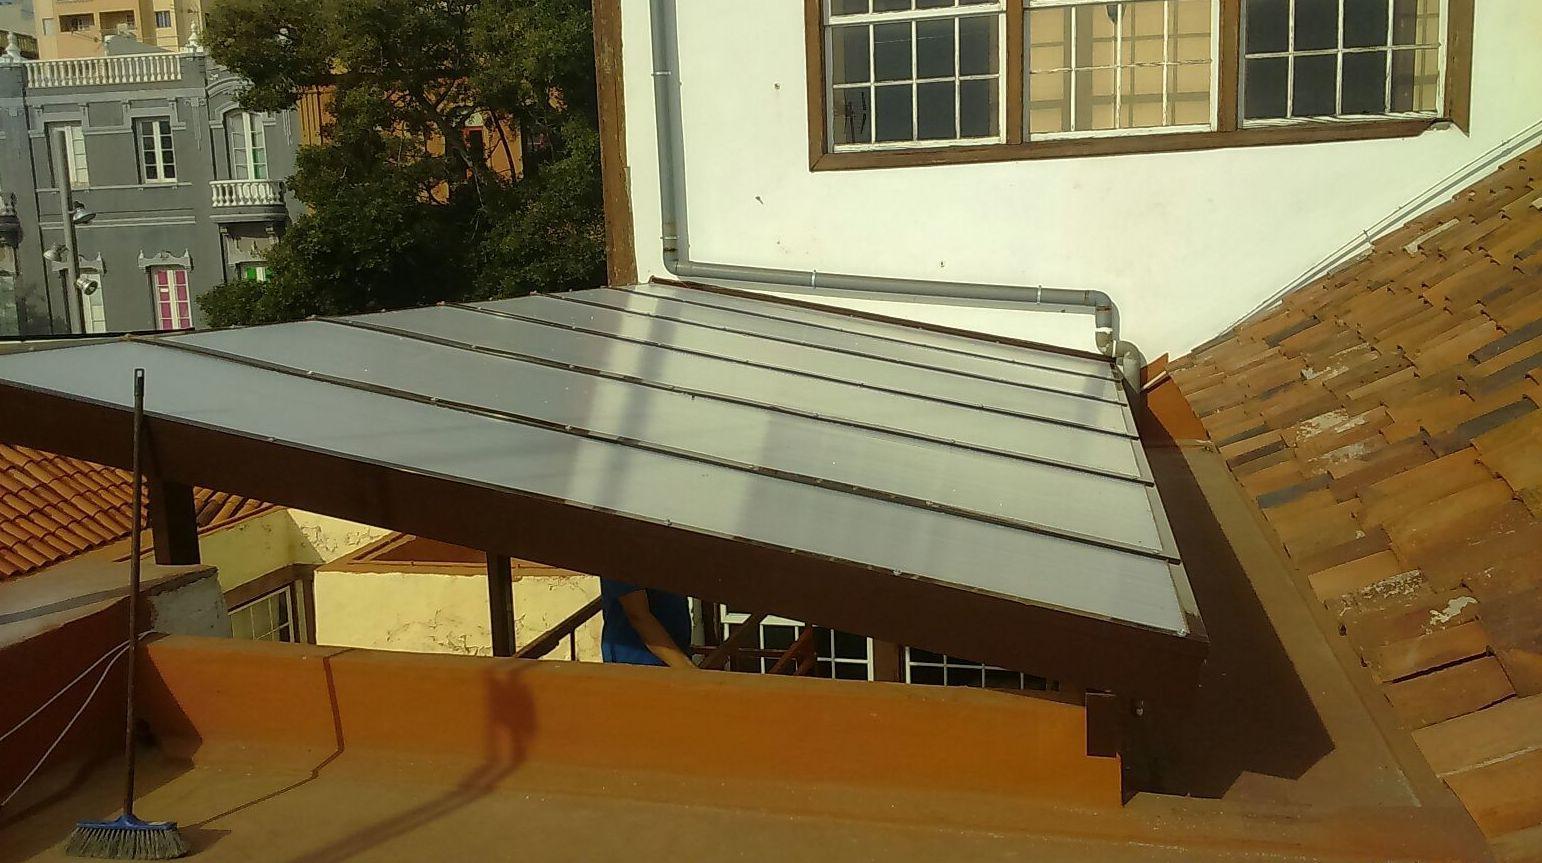 tejados de aluminio y cristal